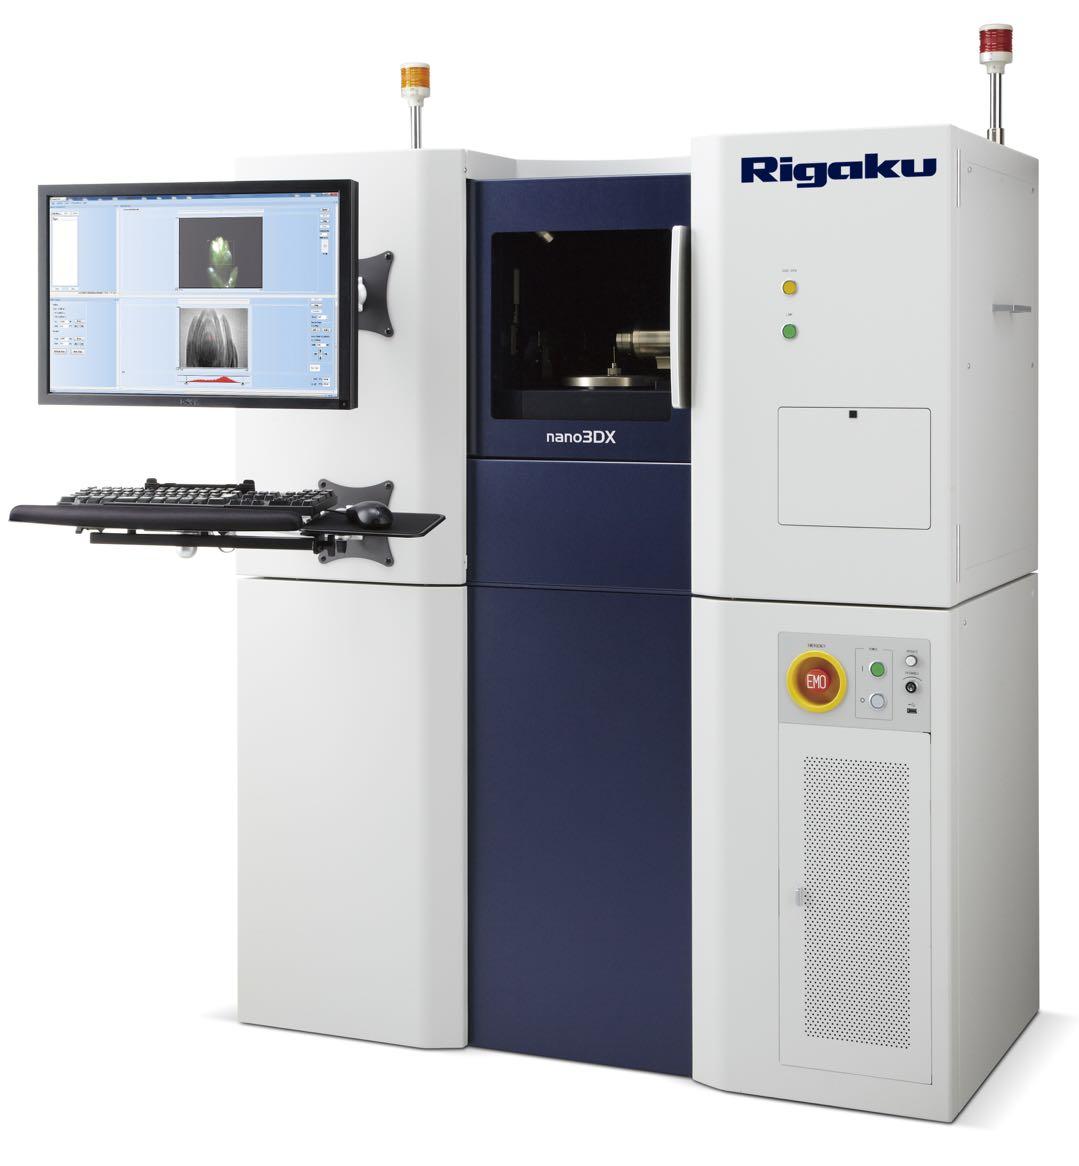 日本理学Rigaku XRD/Rigaku 3D CT与Nano 3DX